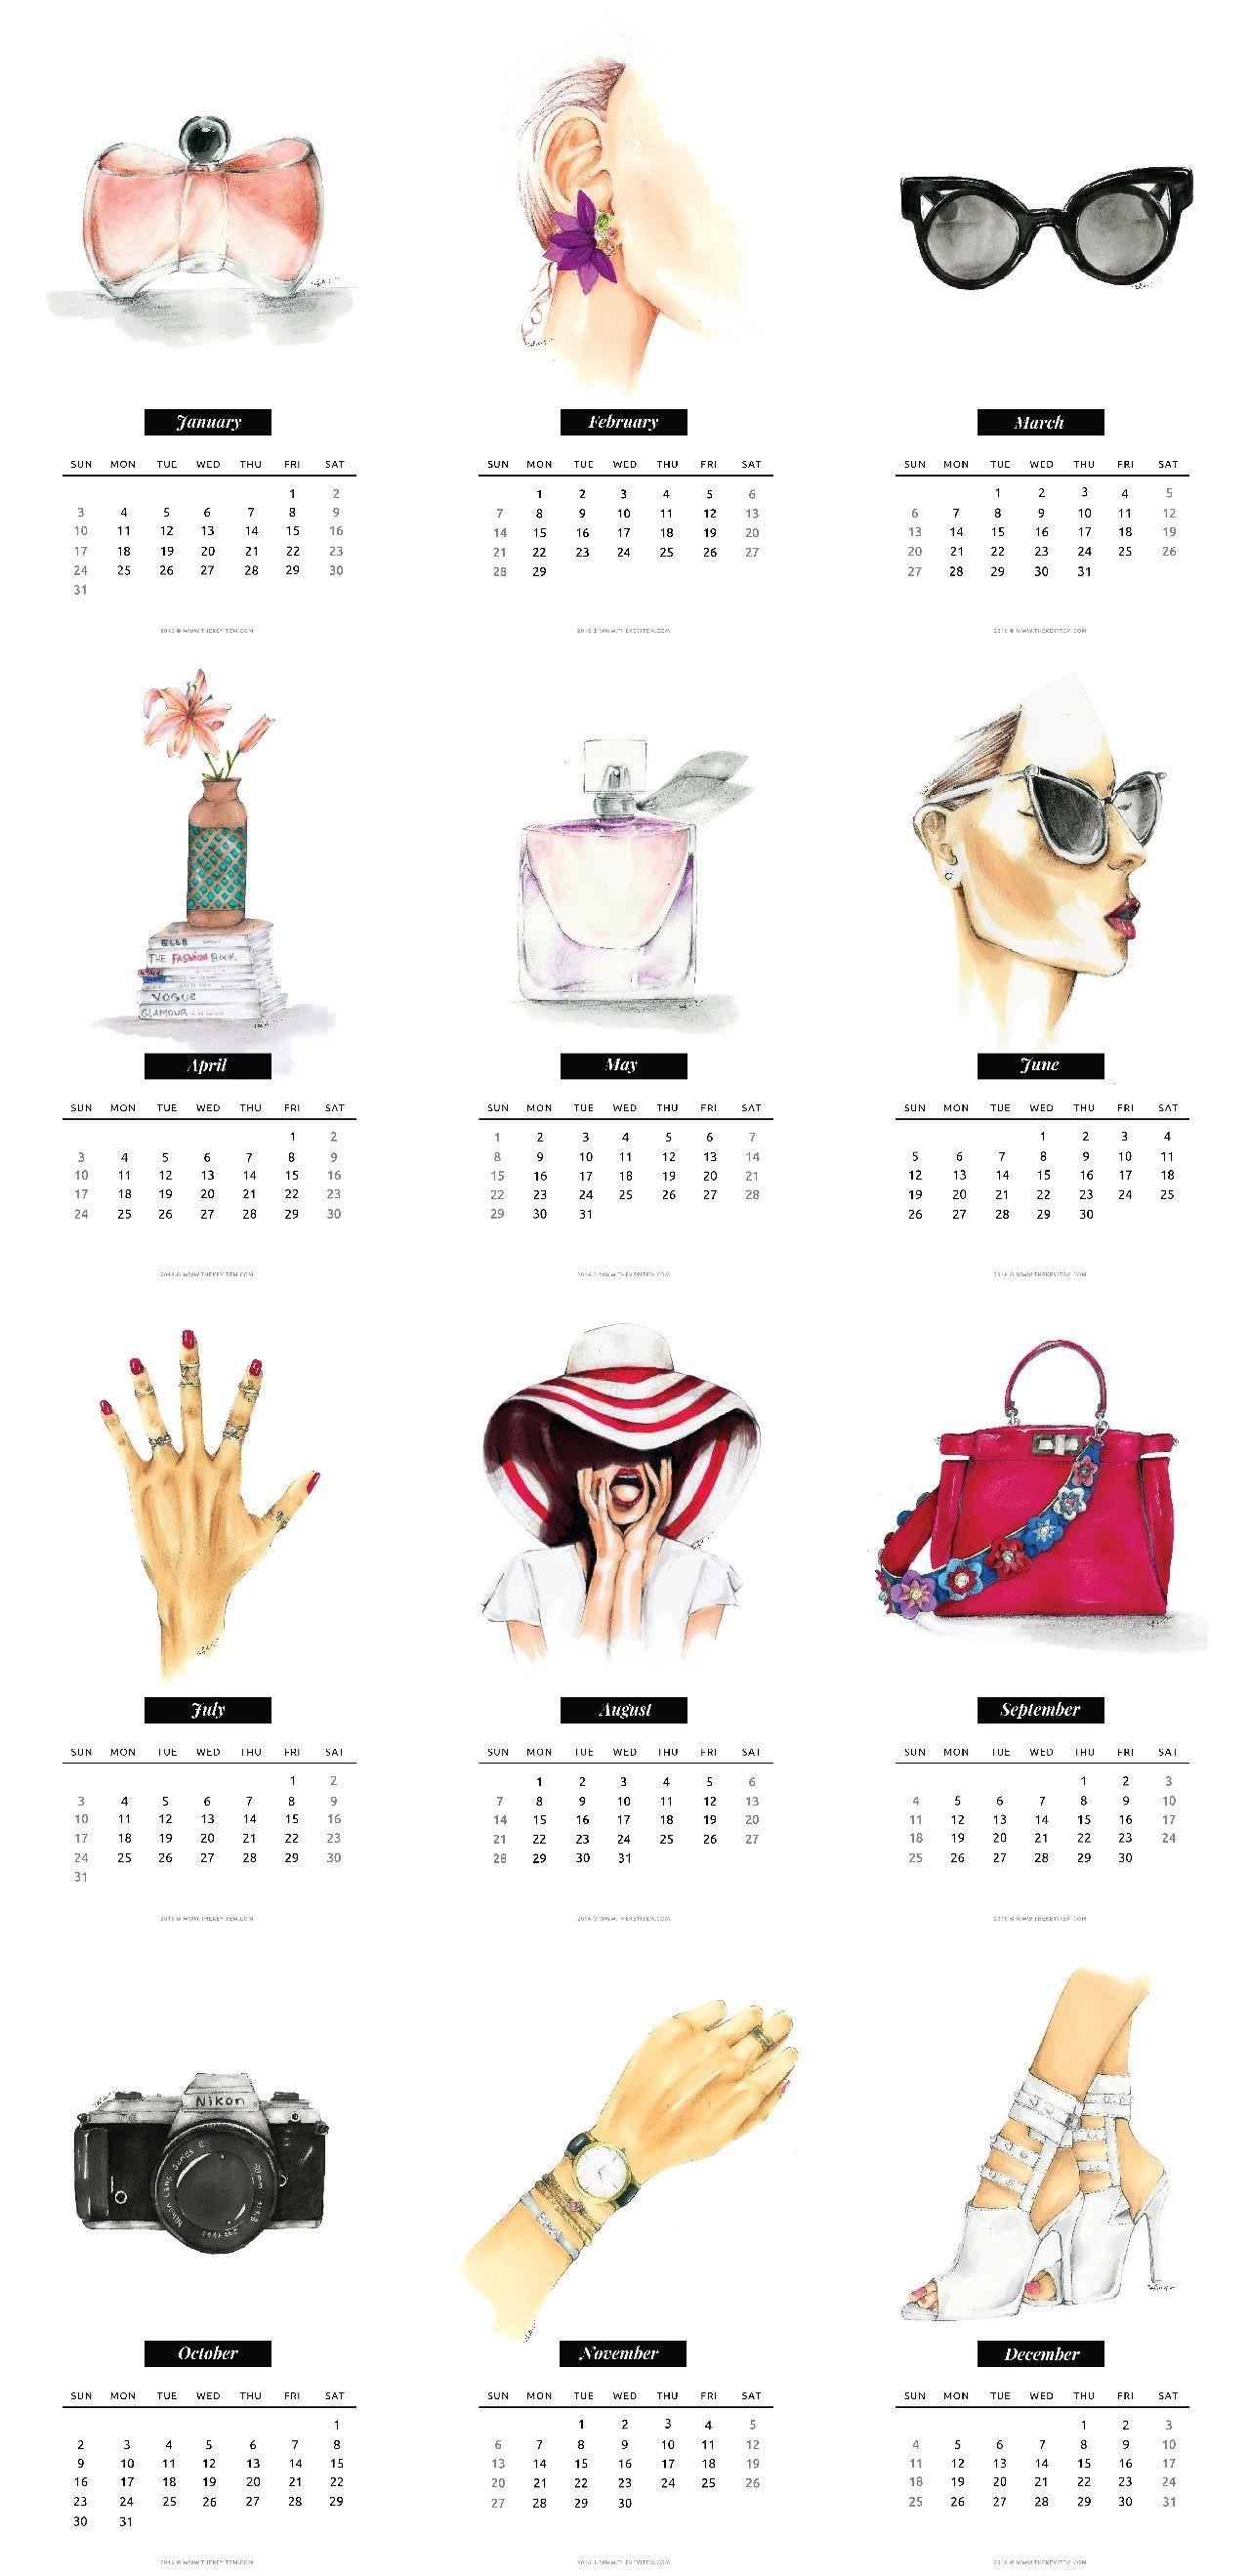 Calendario Para Imprimir 2017 Septiembre Y Octubre Actual Calendario Ilustrado 2016 Gratis Ilustraciones Of Calendario Para Imprimir 2017 Septiembre Y Octubre Más Recientemente Liberado Happy Planner Imprimible Gratis 2017 Dodlees Pinterest